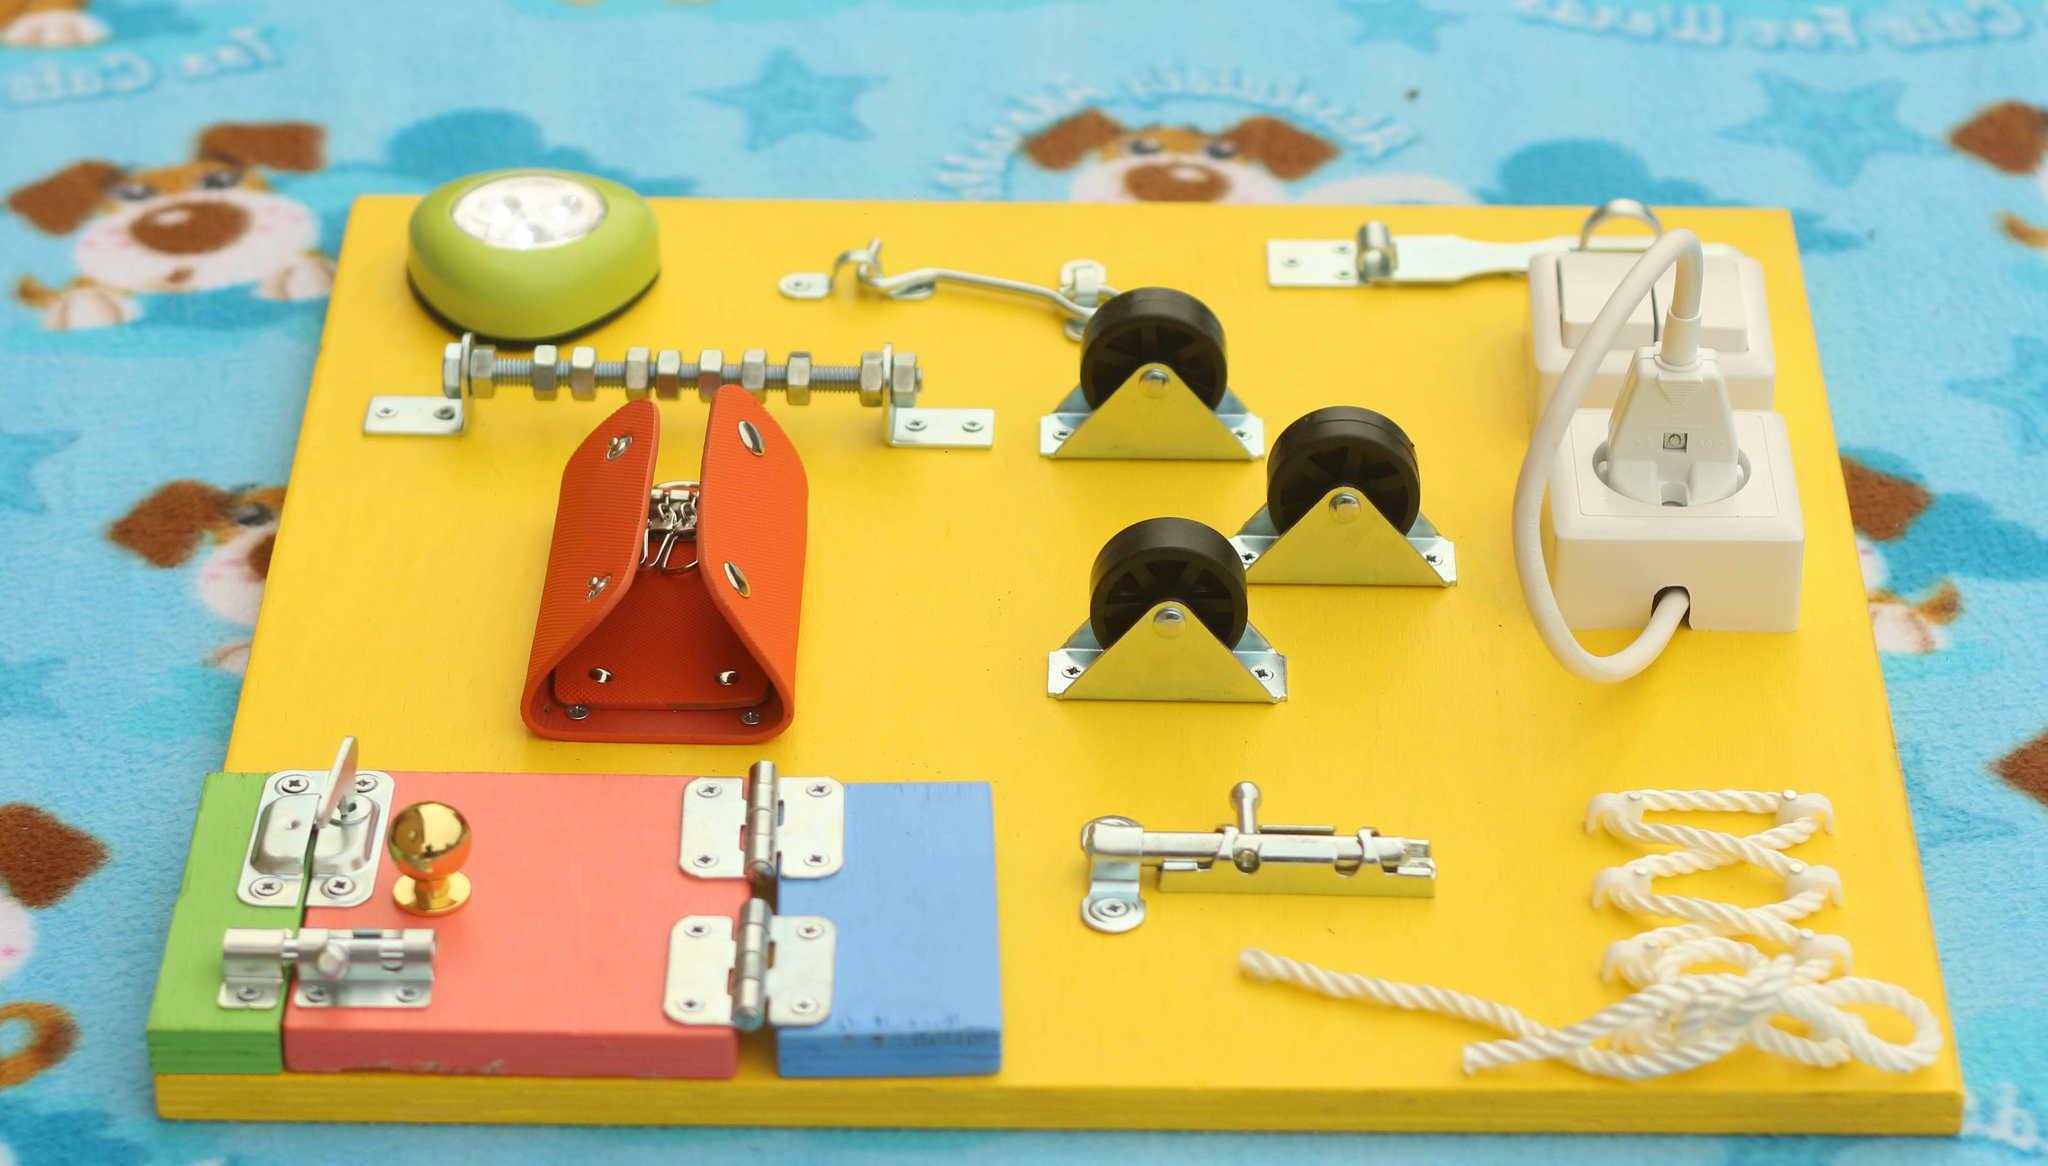 Бизиборд — своими руками: 20 идей для разватия крохи